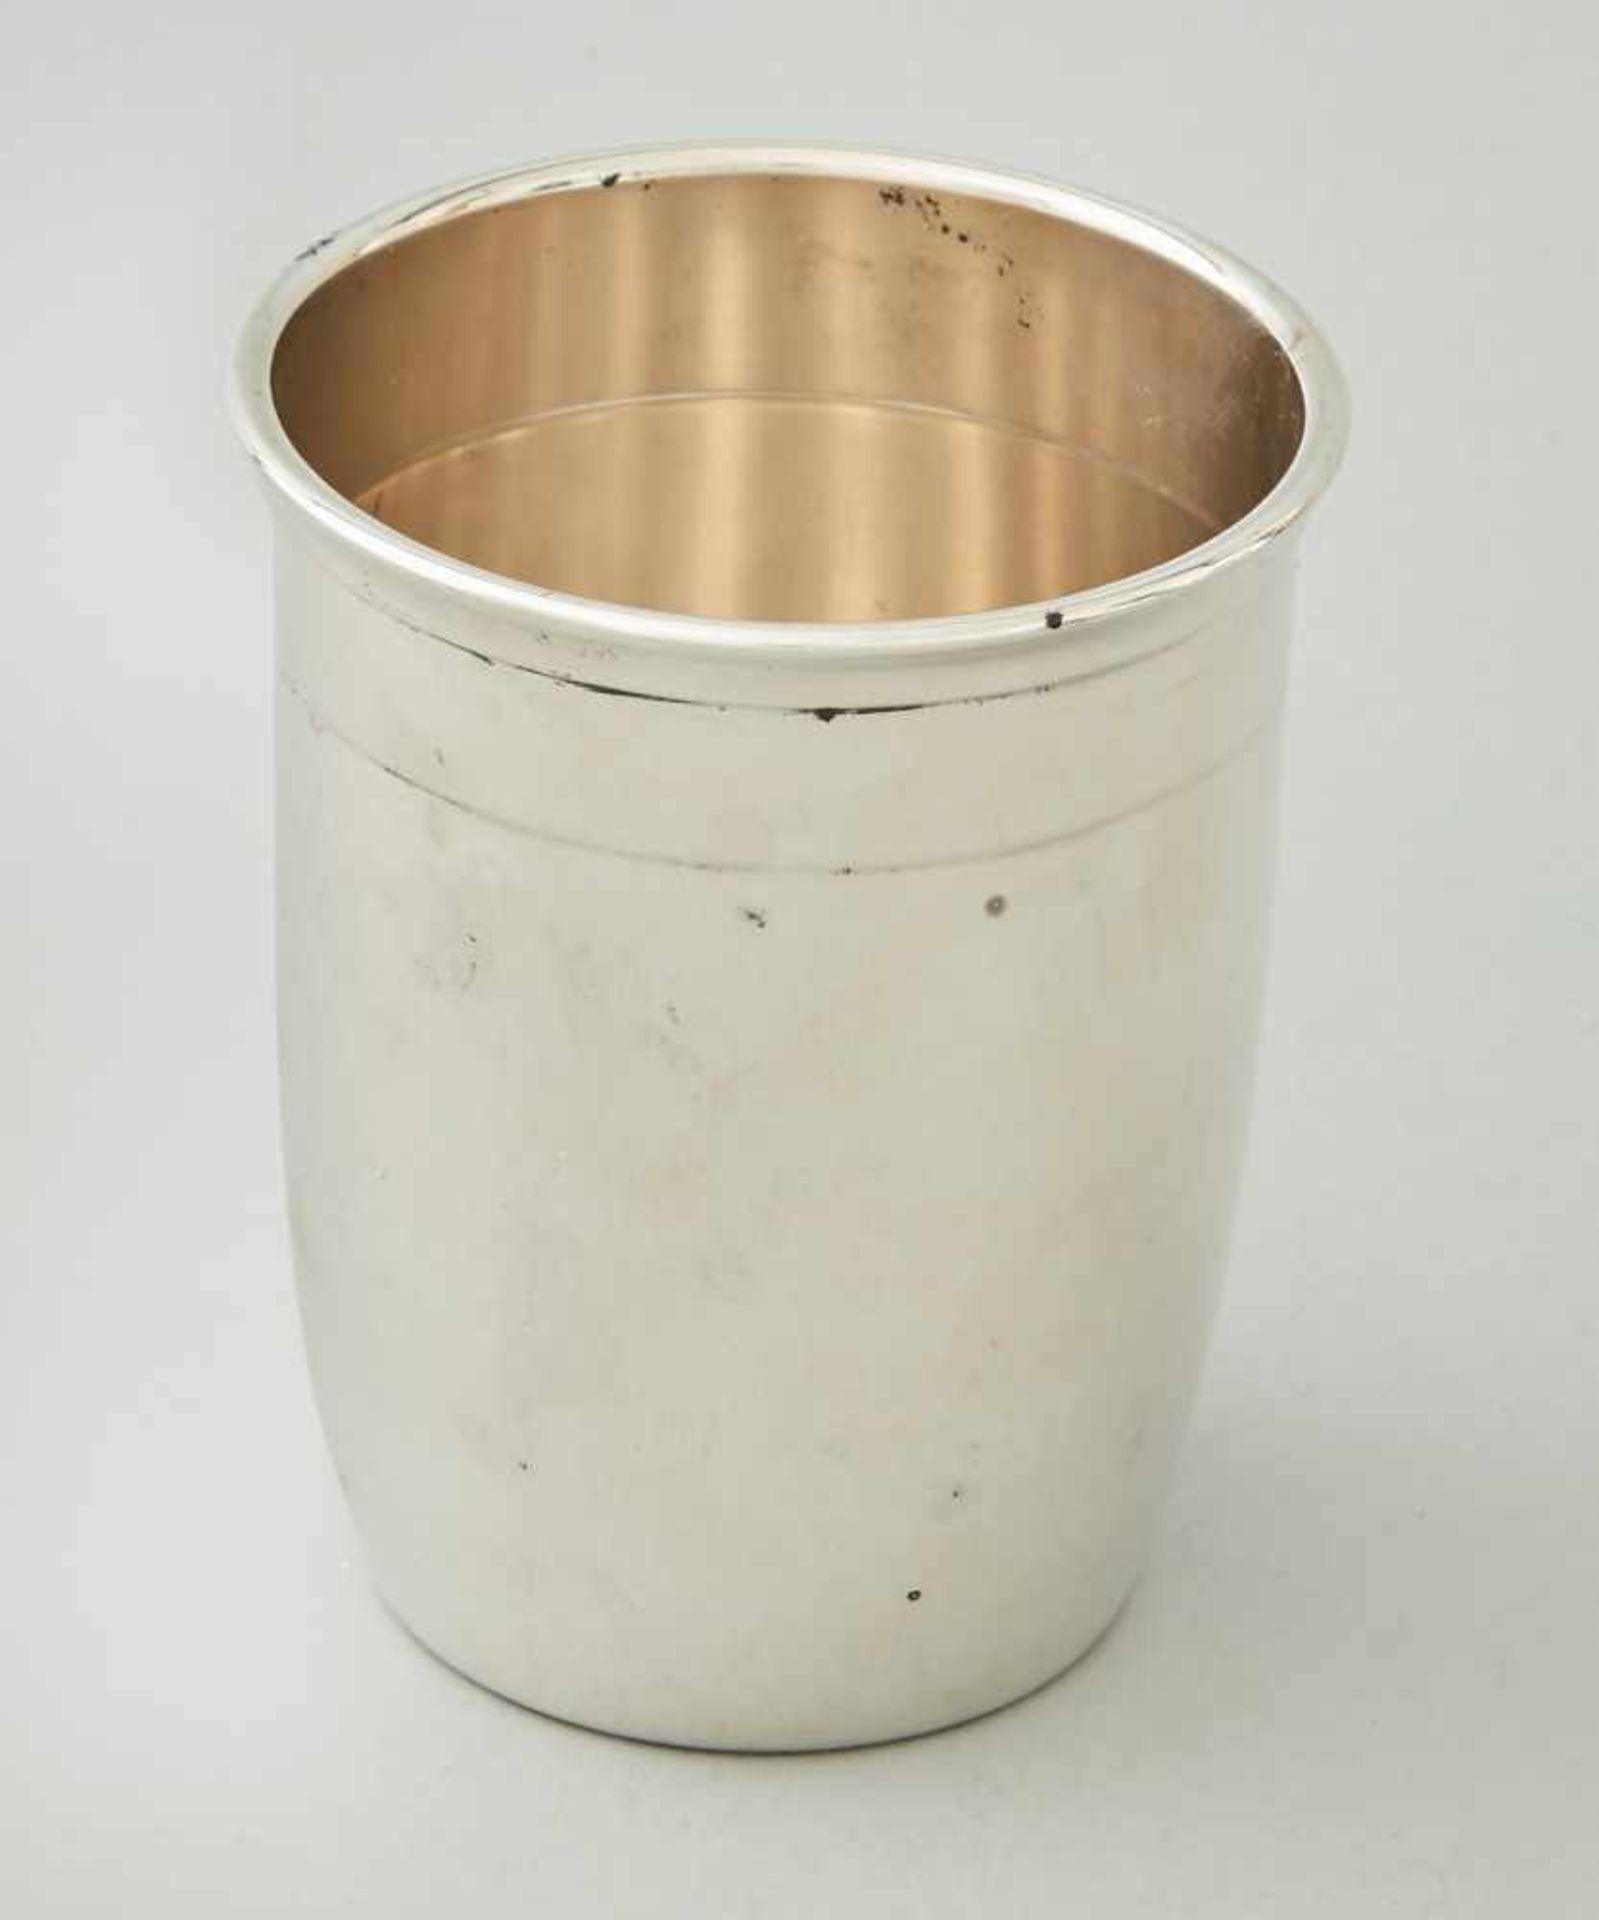 Los 67 - Silberbecher SterlingStempel, Halbmond Krone sowie Meistermarke 'EH'.Gewicht 143 Gramm, Höhe 9,5 cm